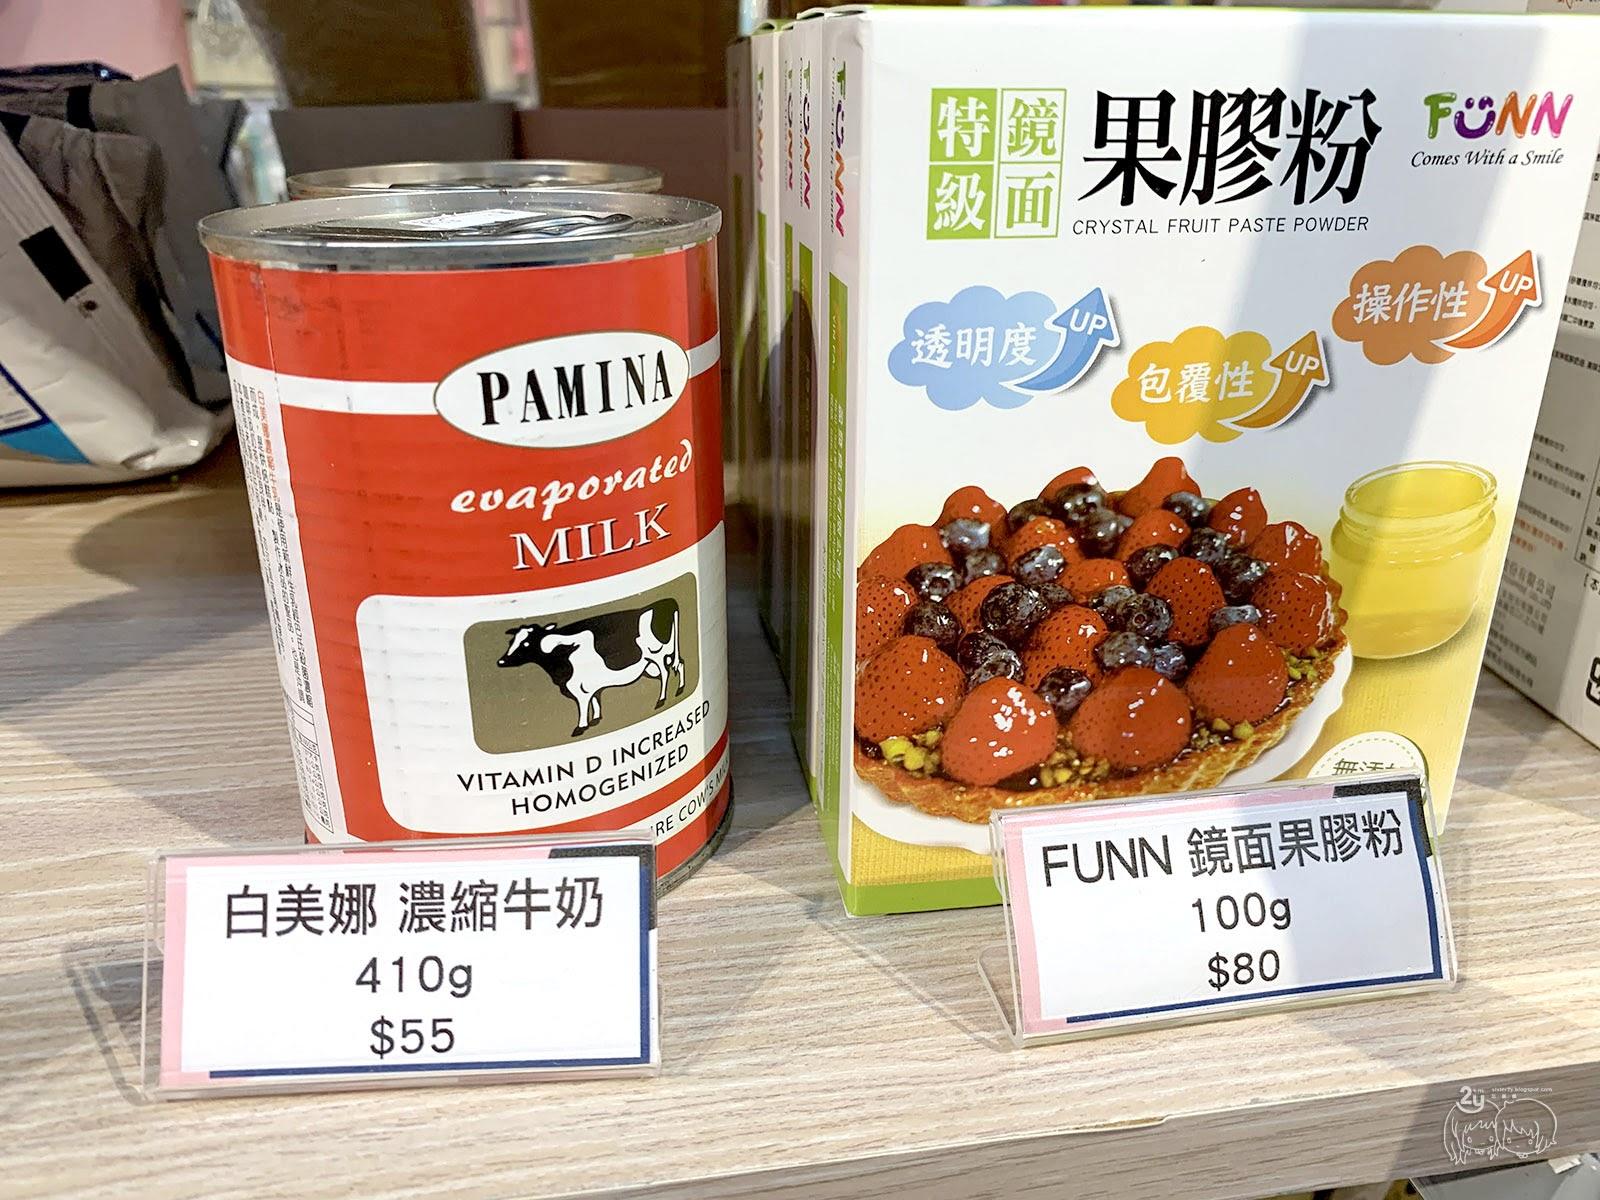 台南|中西區 熊愛趣烘焙材料器具|進口好品質烘焙原料價格親民|小包裝烘焙材料|DIY材料包享受烘焙樂趣|烘焙蛋糕實作教你做